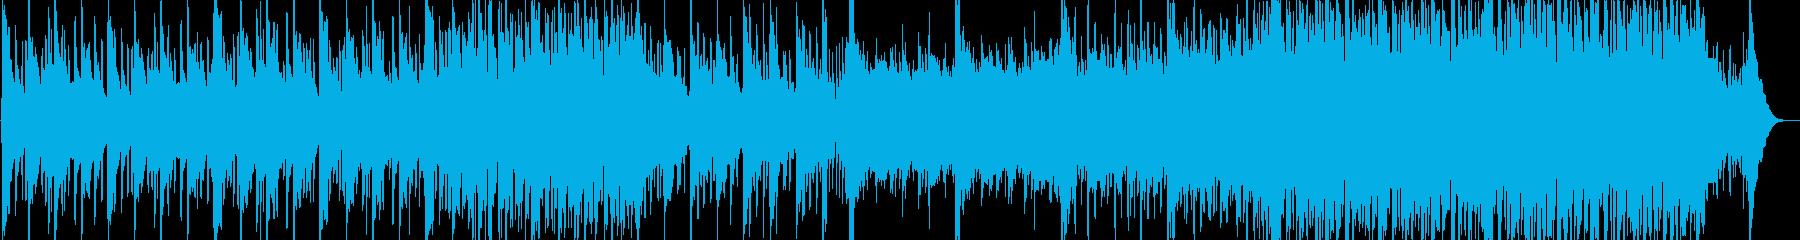 和む、でも少しクールなBGMの再生済みの波形